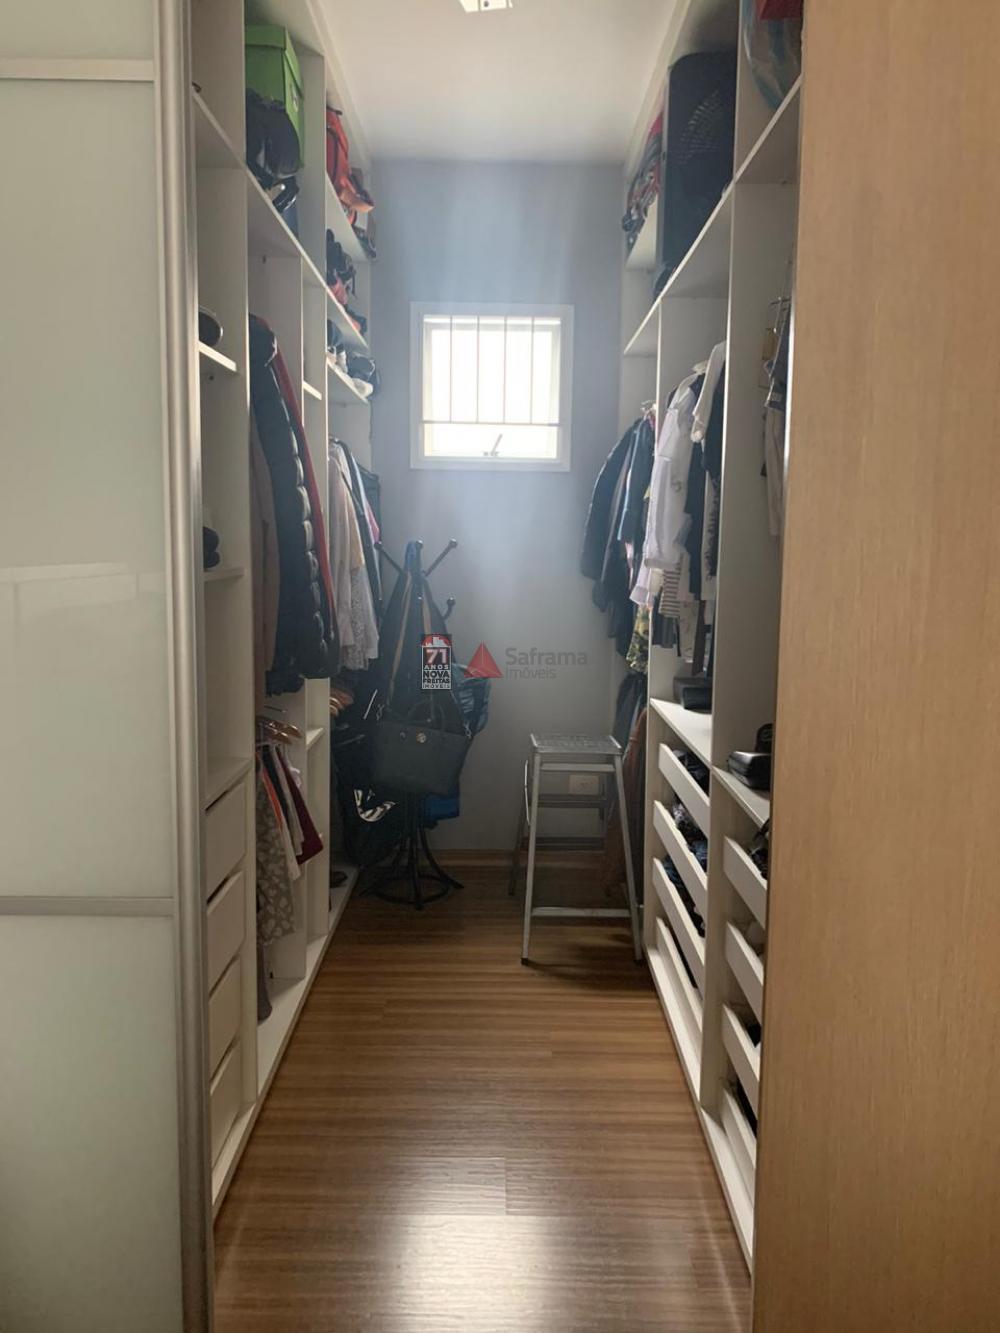 Comprar Apartamento / Padrão em São José dos Campos apenas R$ 770.000,00 - Foto 25